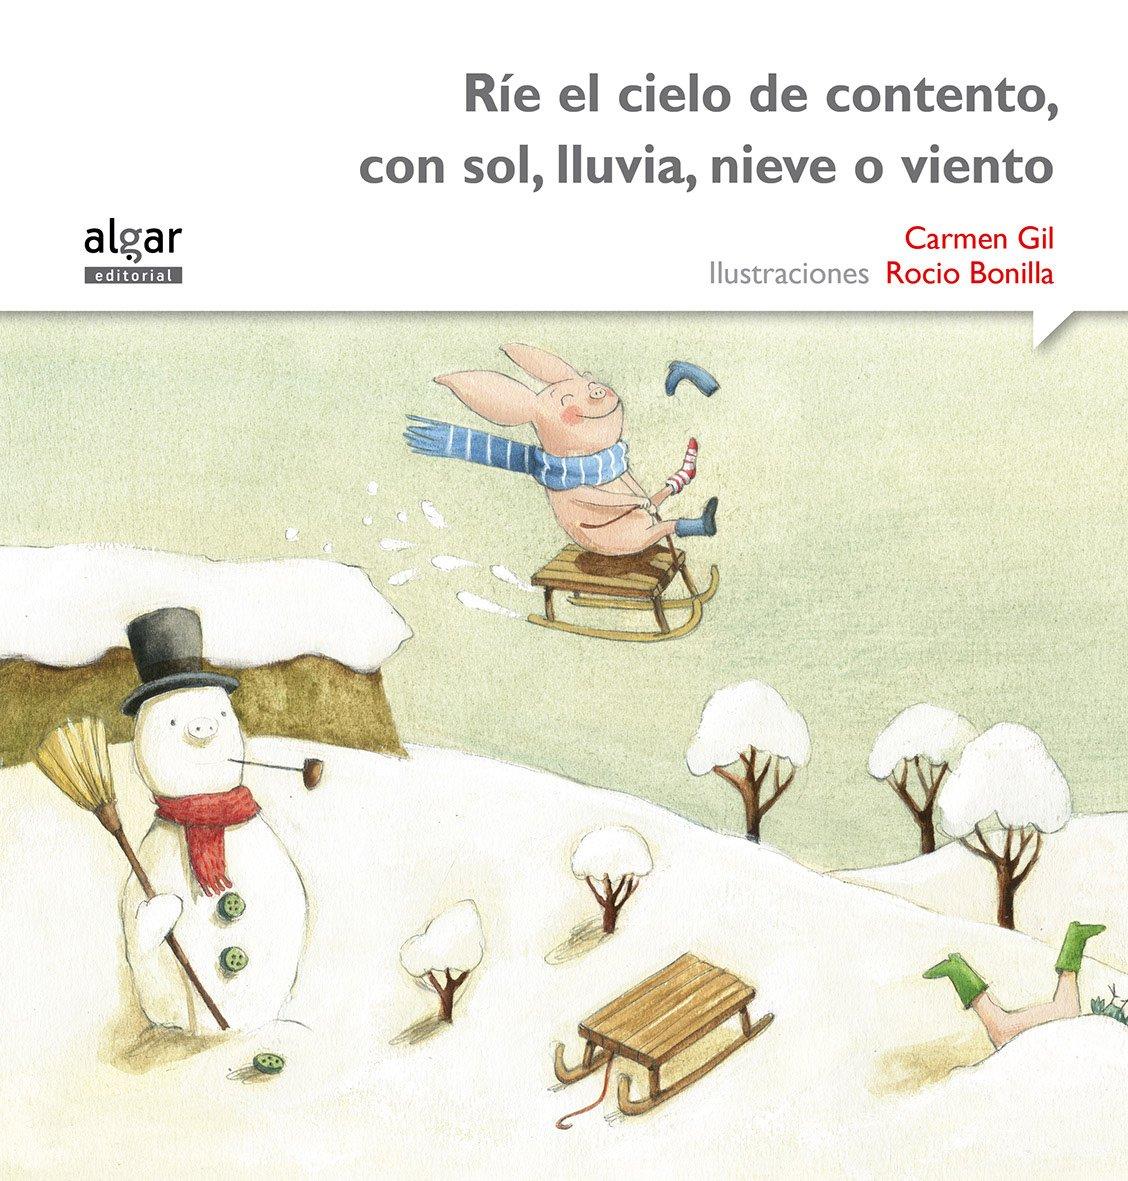 Ríe el cielo de contento, con sol, lluvia, nieve o viento: GIL CARMEN: 9788498457438: Amazon.com: Books